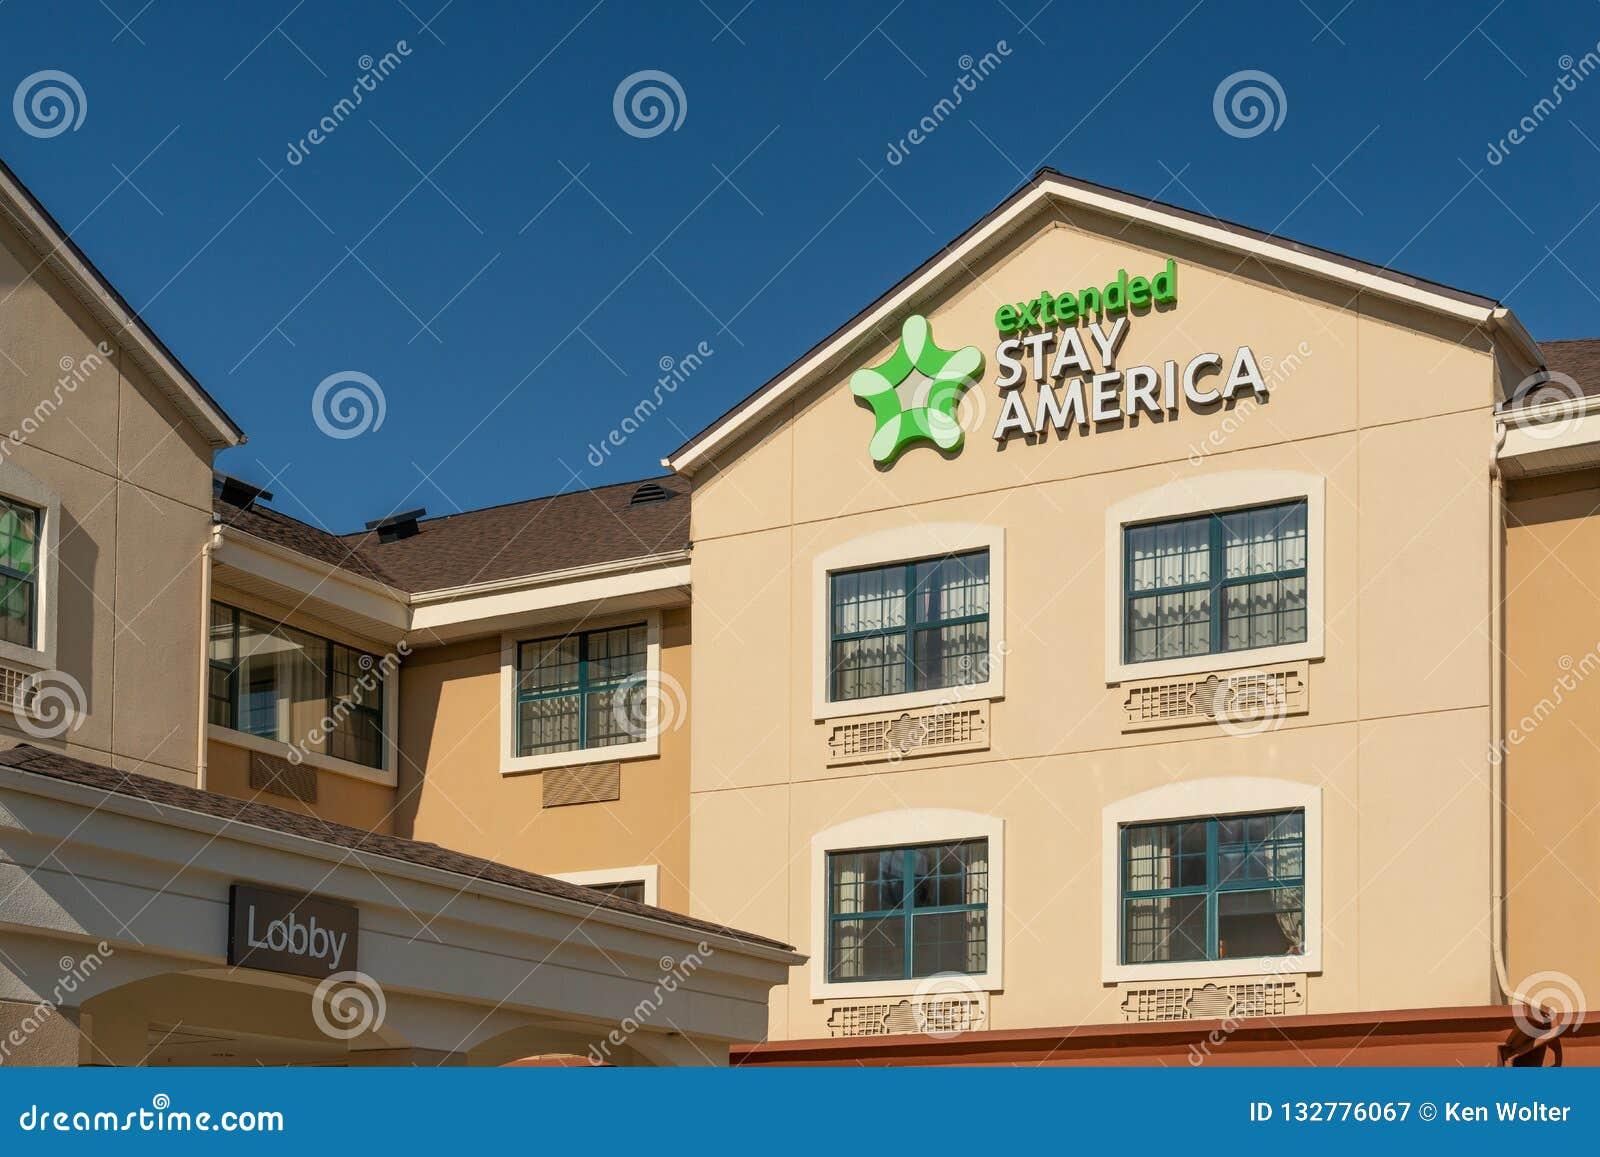 Ausgedehntes Aufenthalts-Amerika-Motel und Logo des eingetragenen Warenzeichens